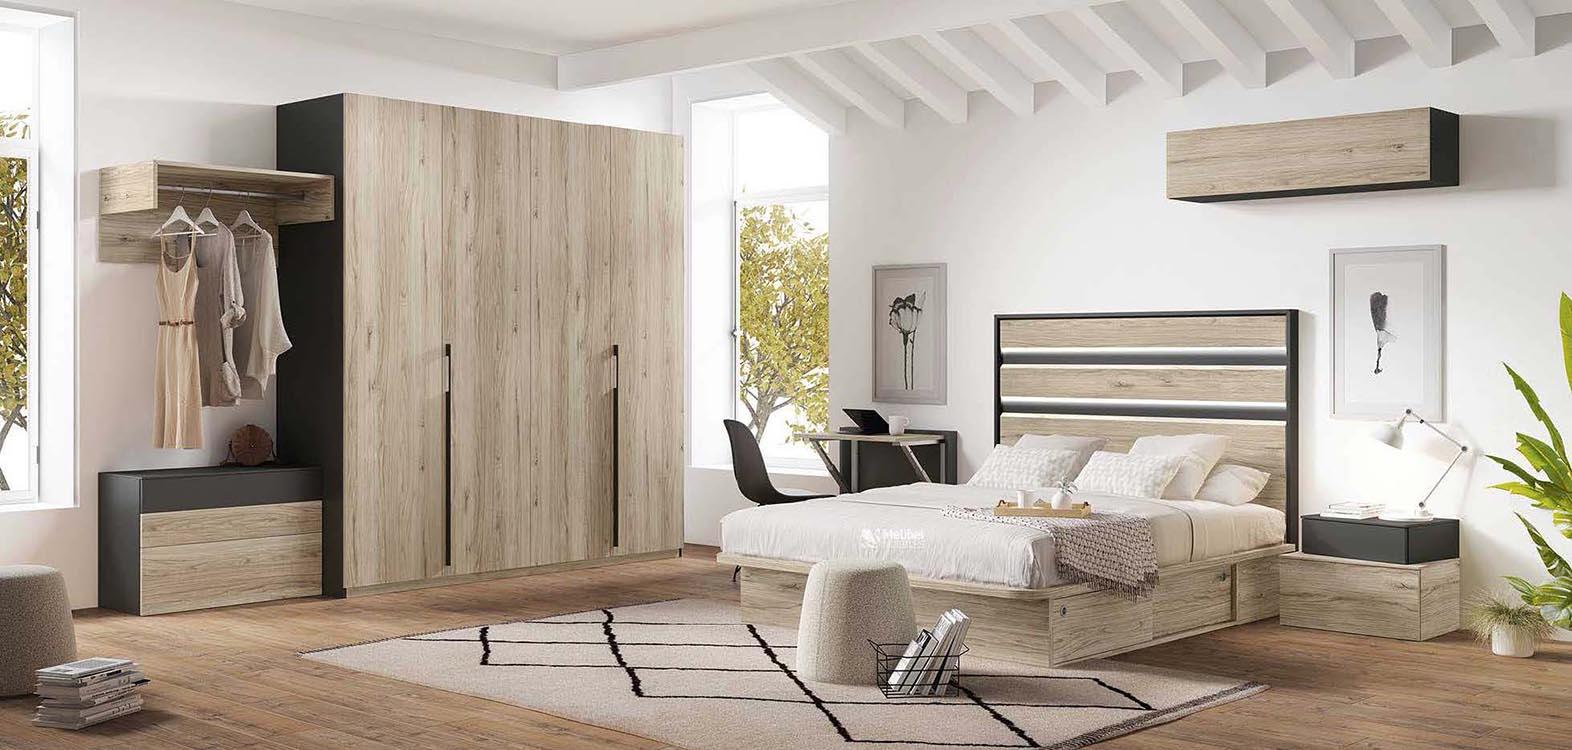 http://www.munozmuebles.net/nueva/catalogo/dormitorios-actuales.html -  Espectaculares muebles de cerezo